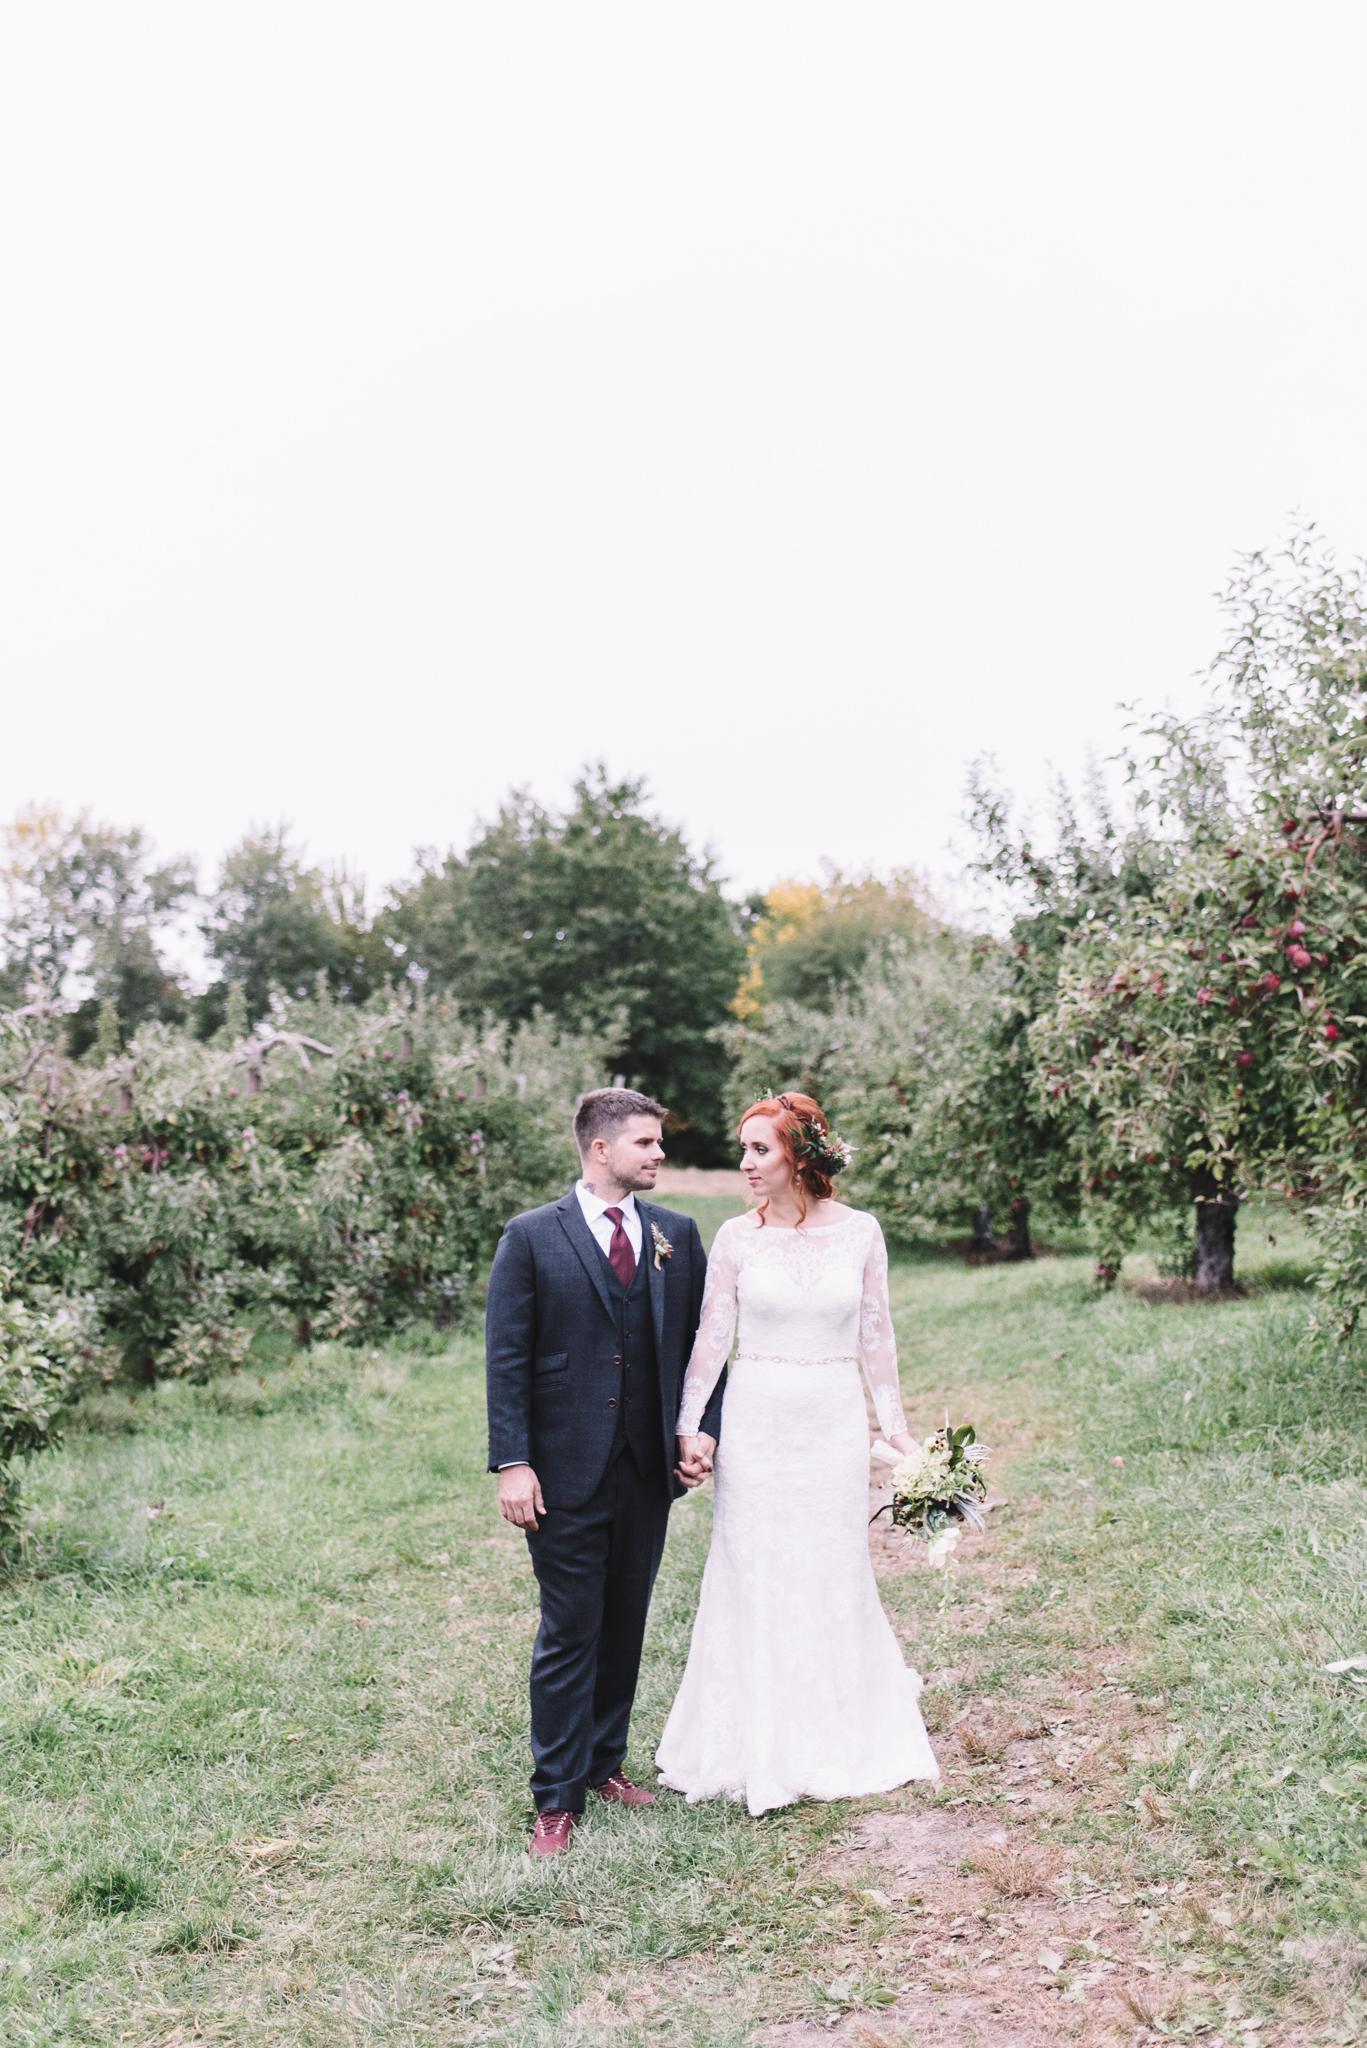 mariage portrait couple pommes apple domaine verger dunham photo 7296 - Mariage au Domaine de Dunham: Sandrine & Benoit